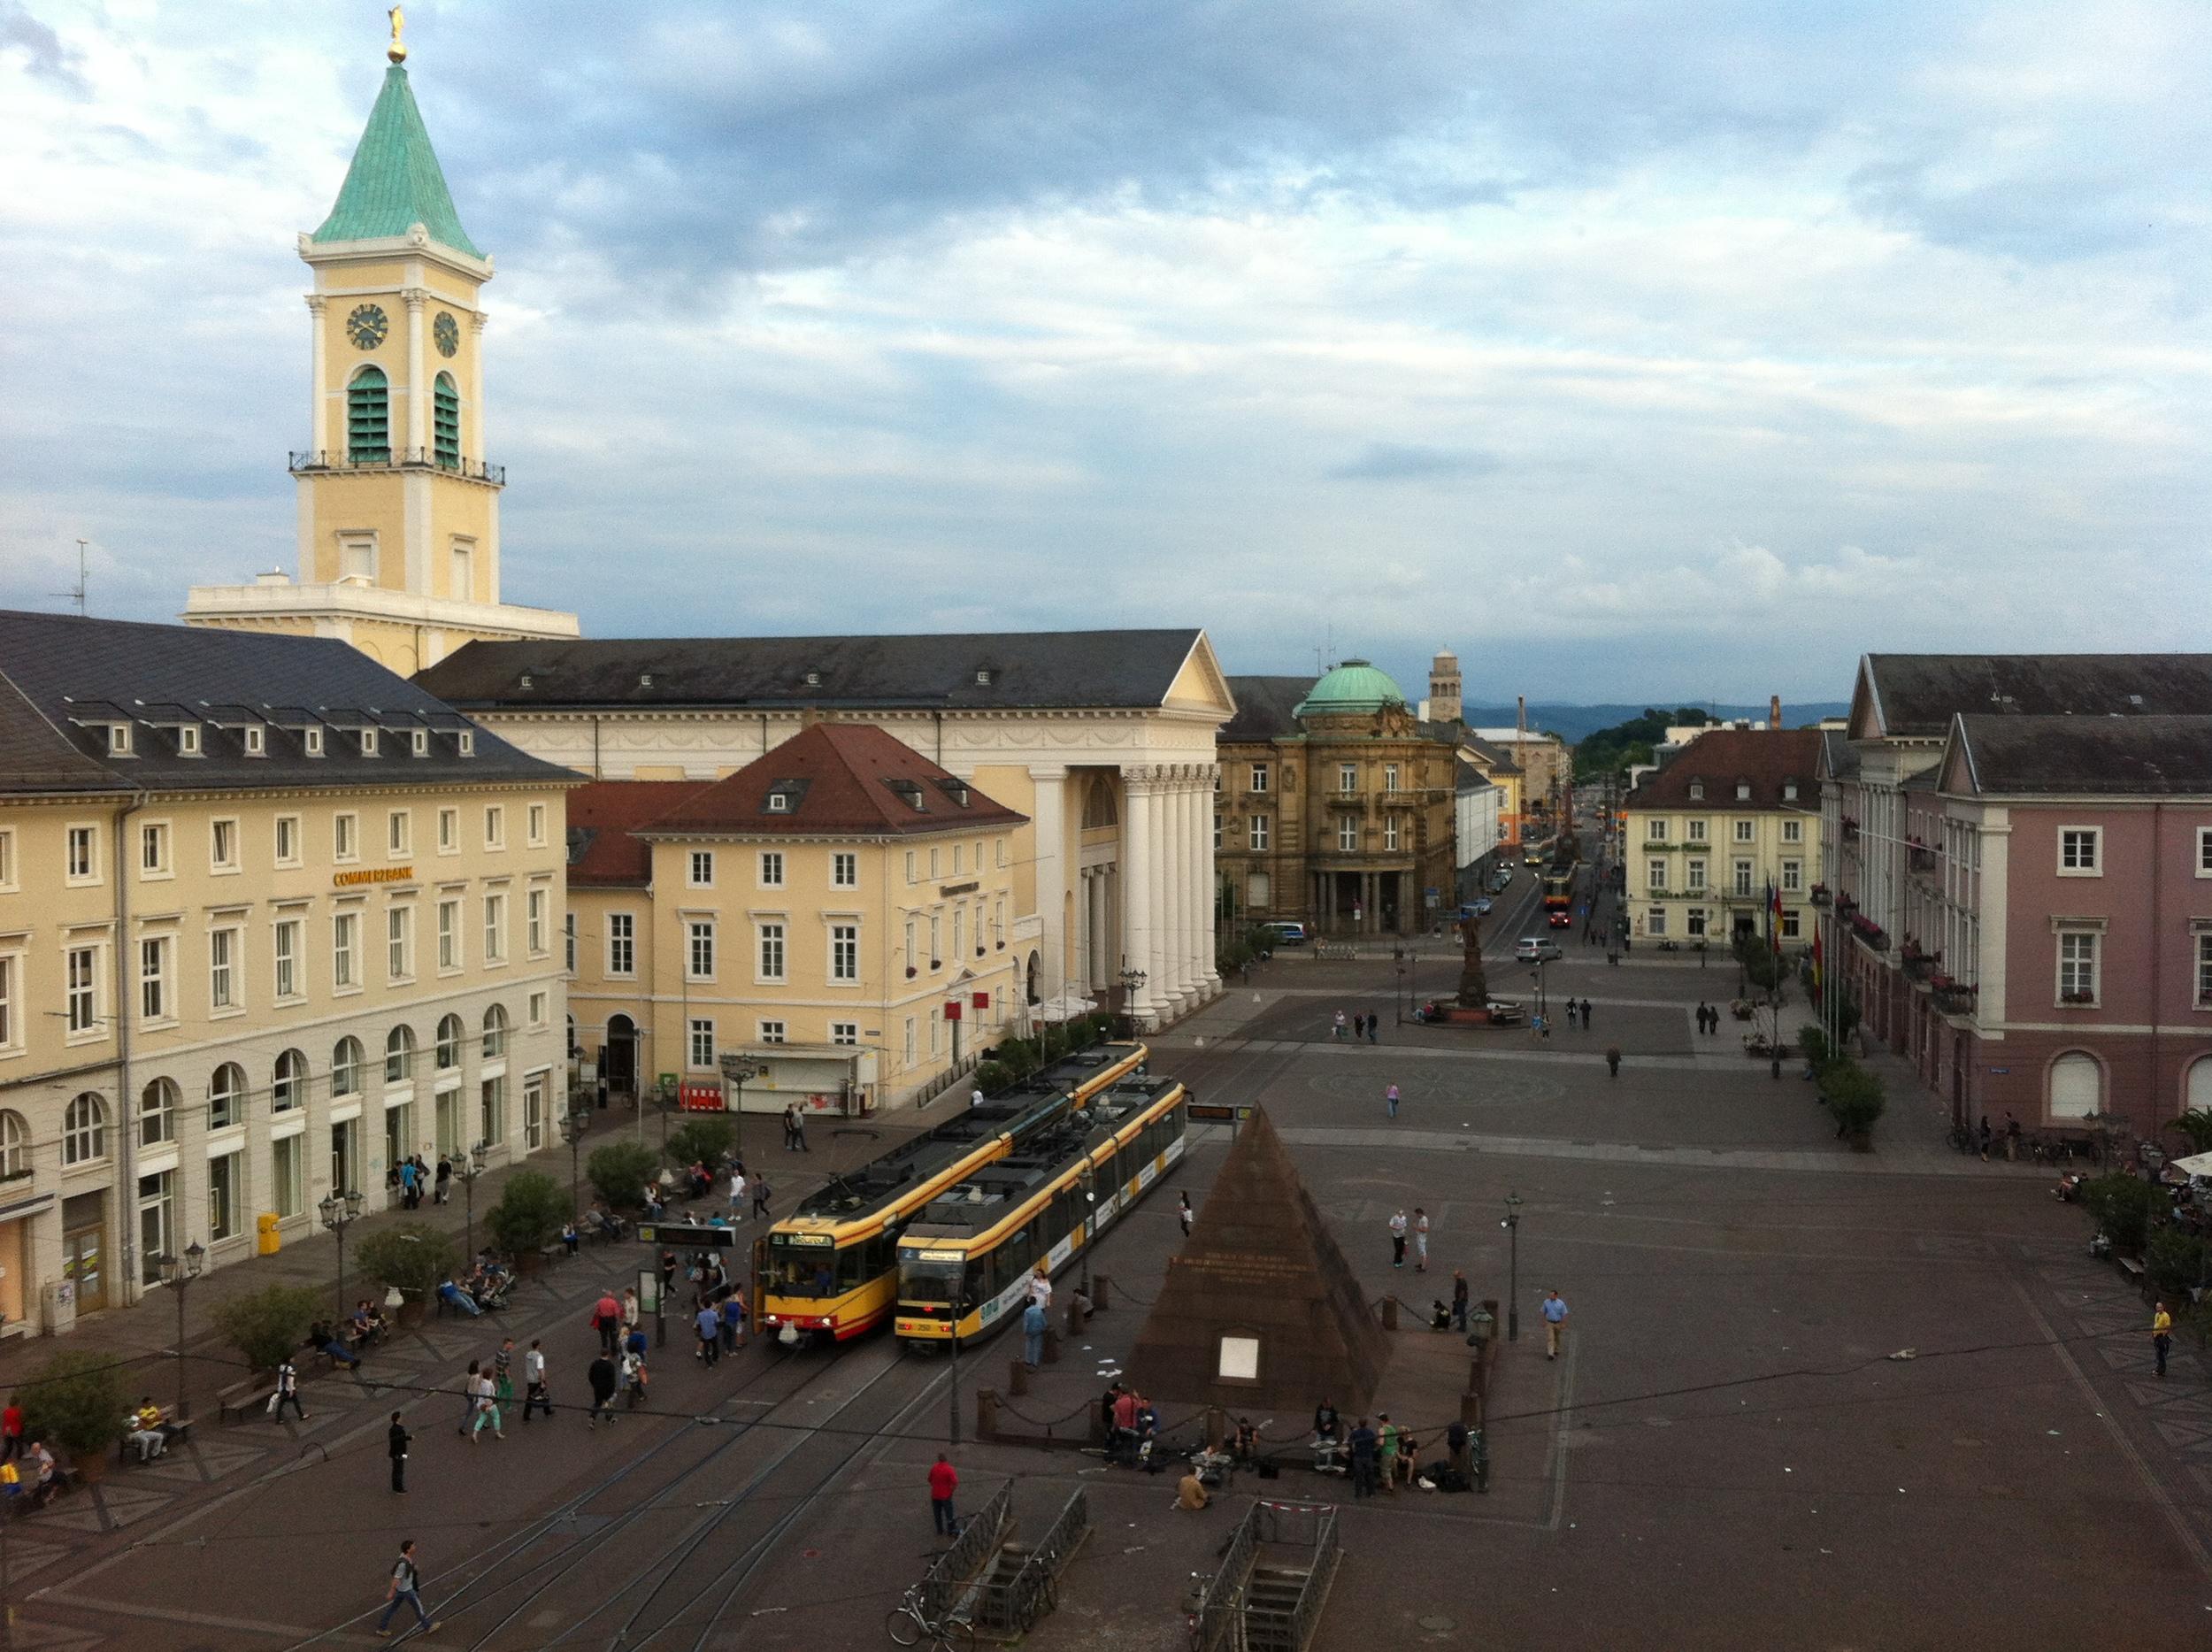 Marketplatz in Karlsruhe, Germany